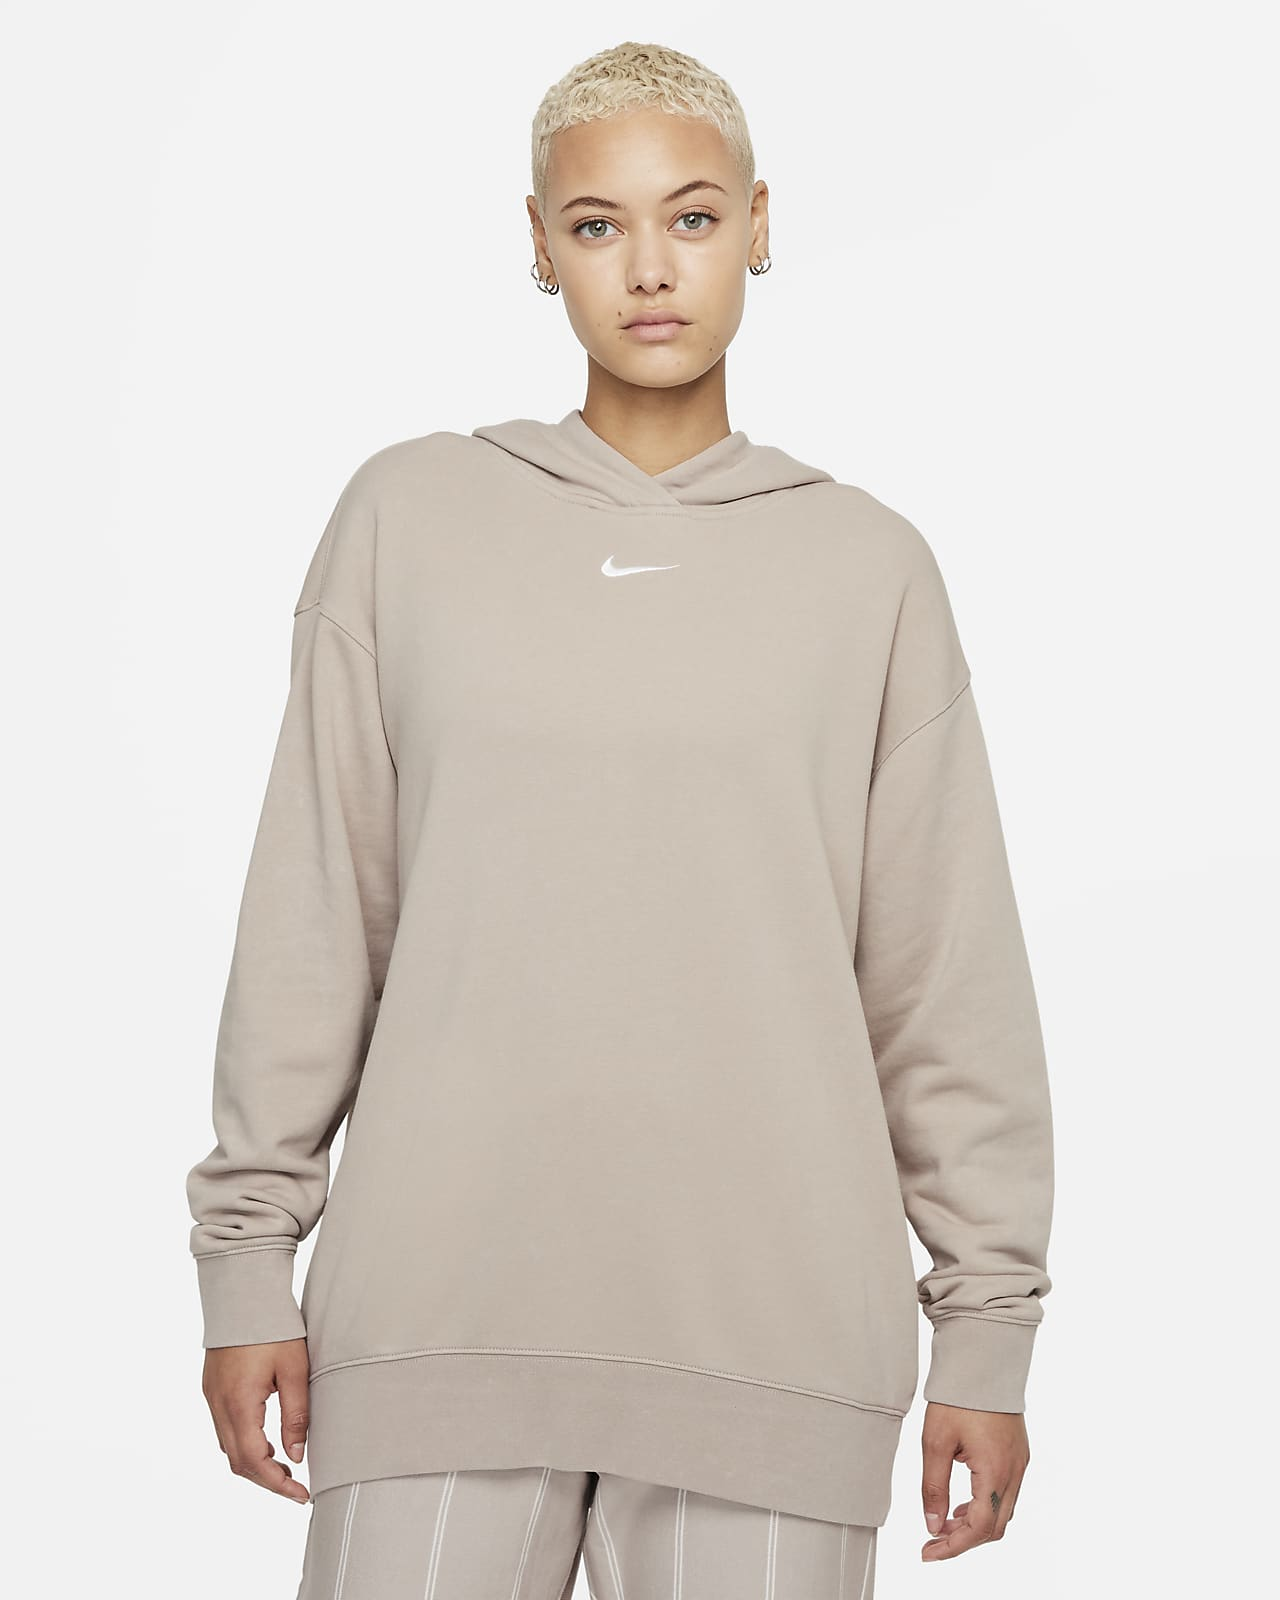 Nike Sportswear Essential Collection Yıkanmış Fleece Kadın Kapüşonlu Üstü